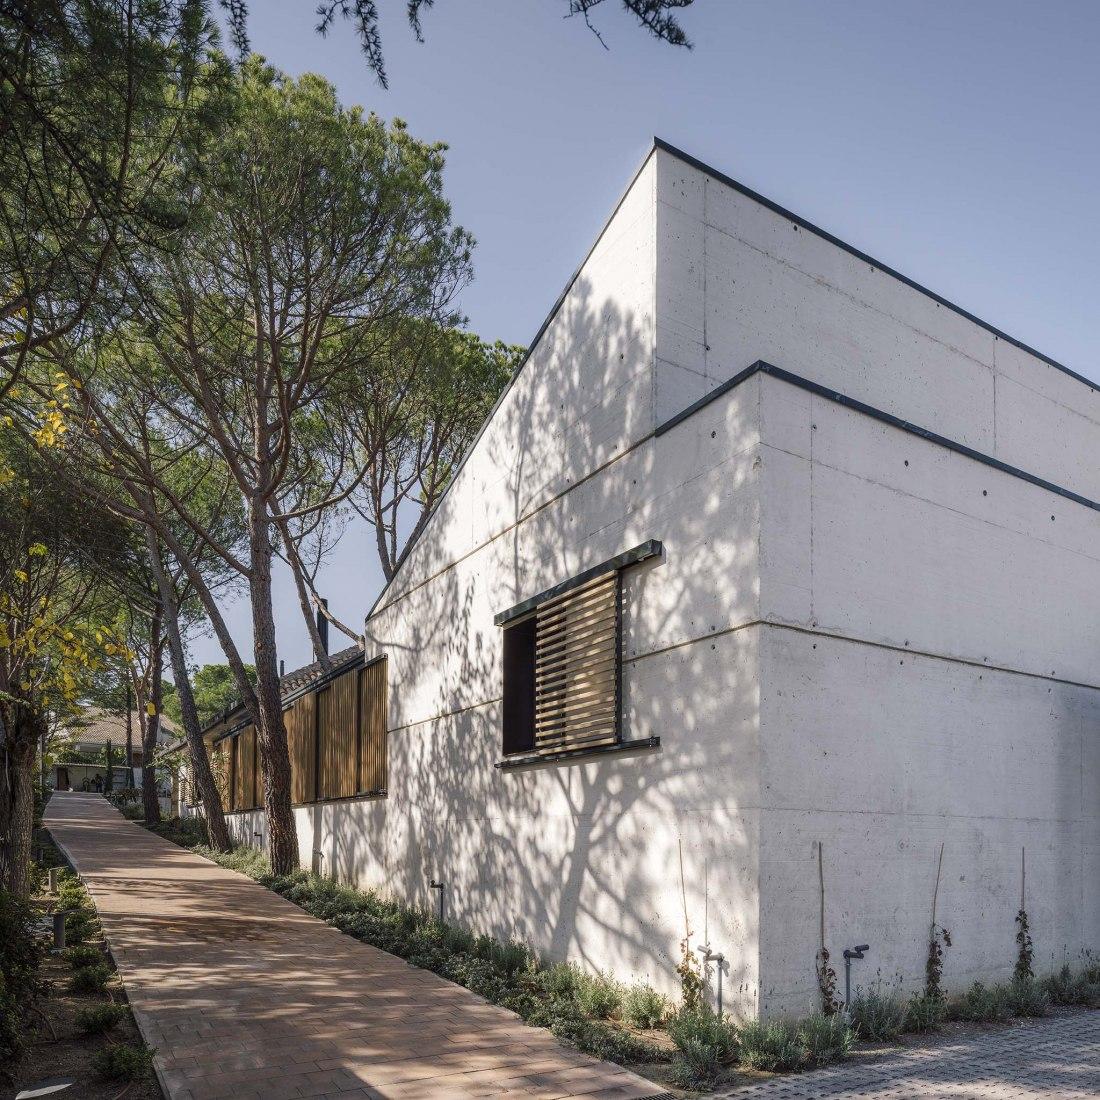 Casa OMA por SANZ Arquitectos. Fotografía por Imagen Subliminal